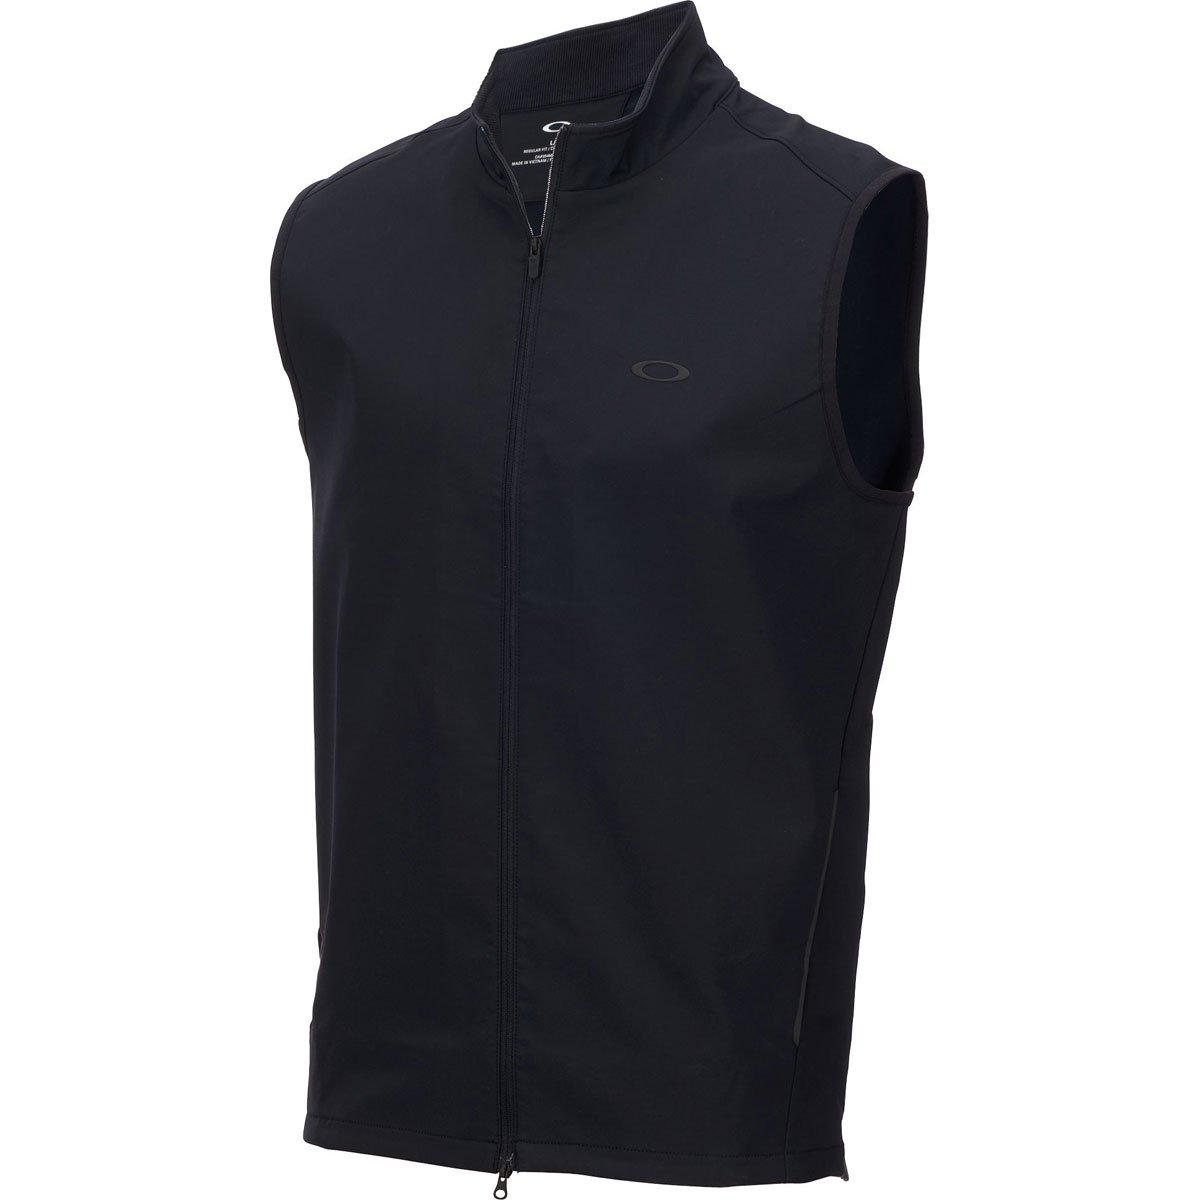 Oakley Men's Rival Vest, Blackout, XL by Oakley